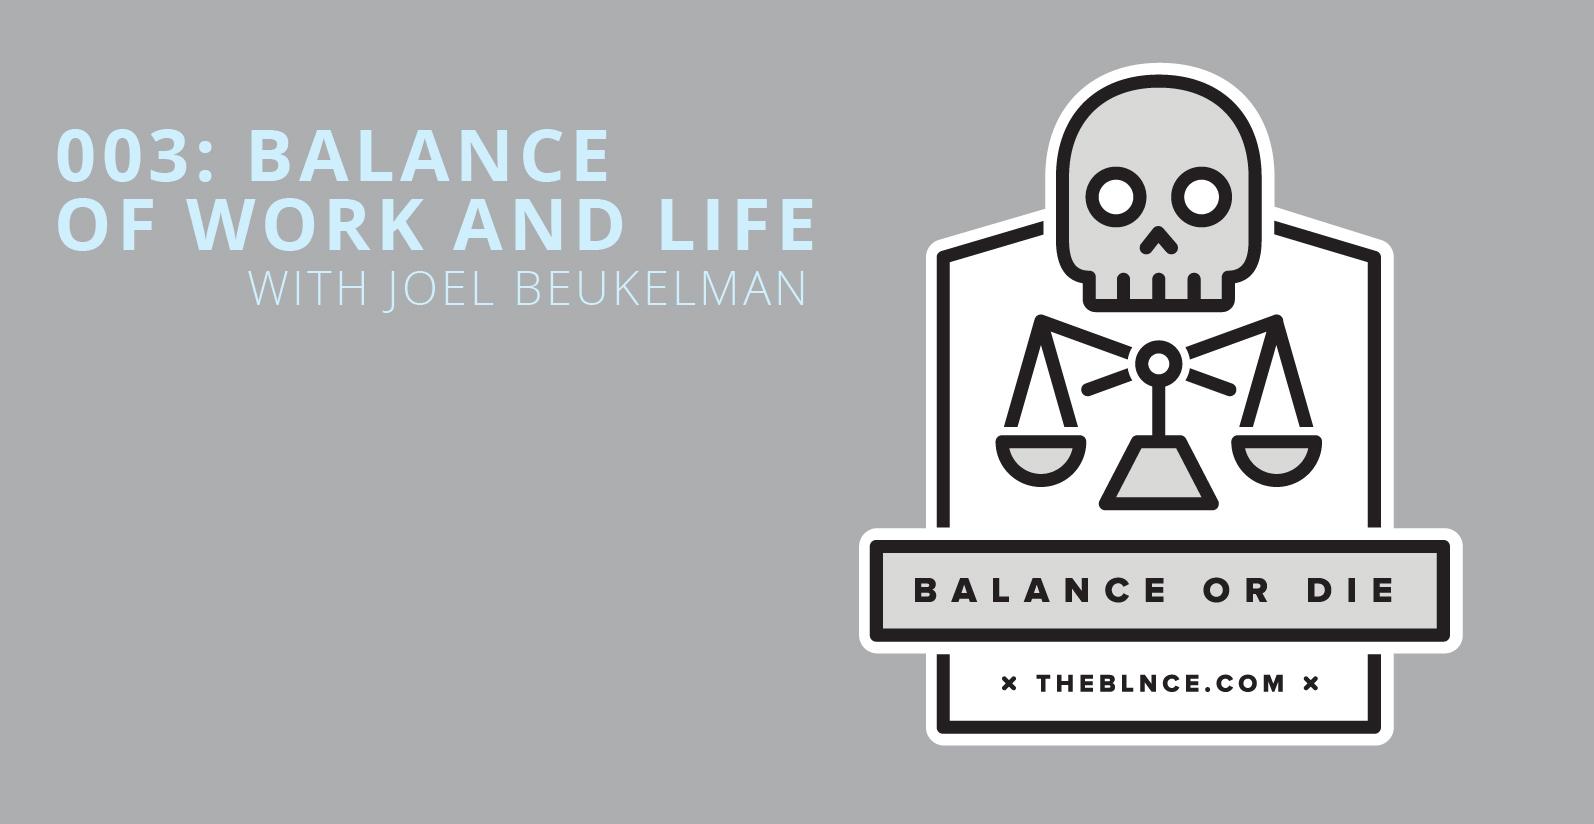 Balance of Work and Life